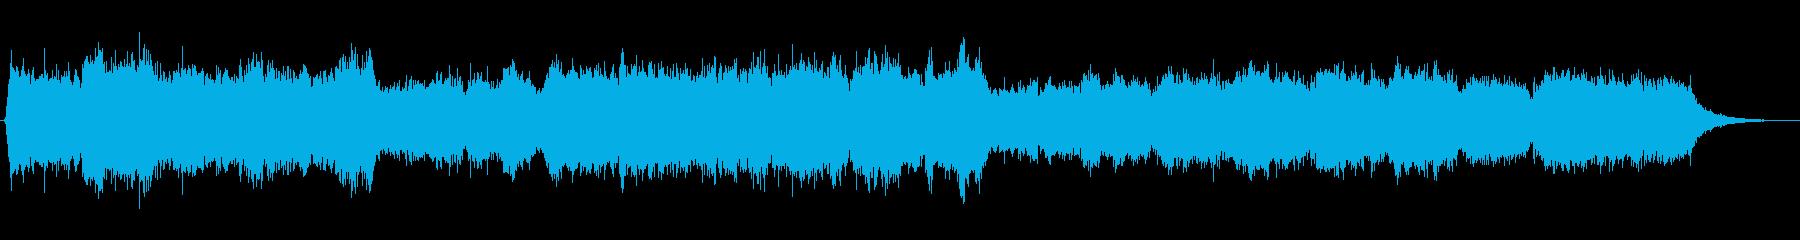 マッシブなシンセストリングスのジングルの再生済みの波形